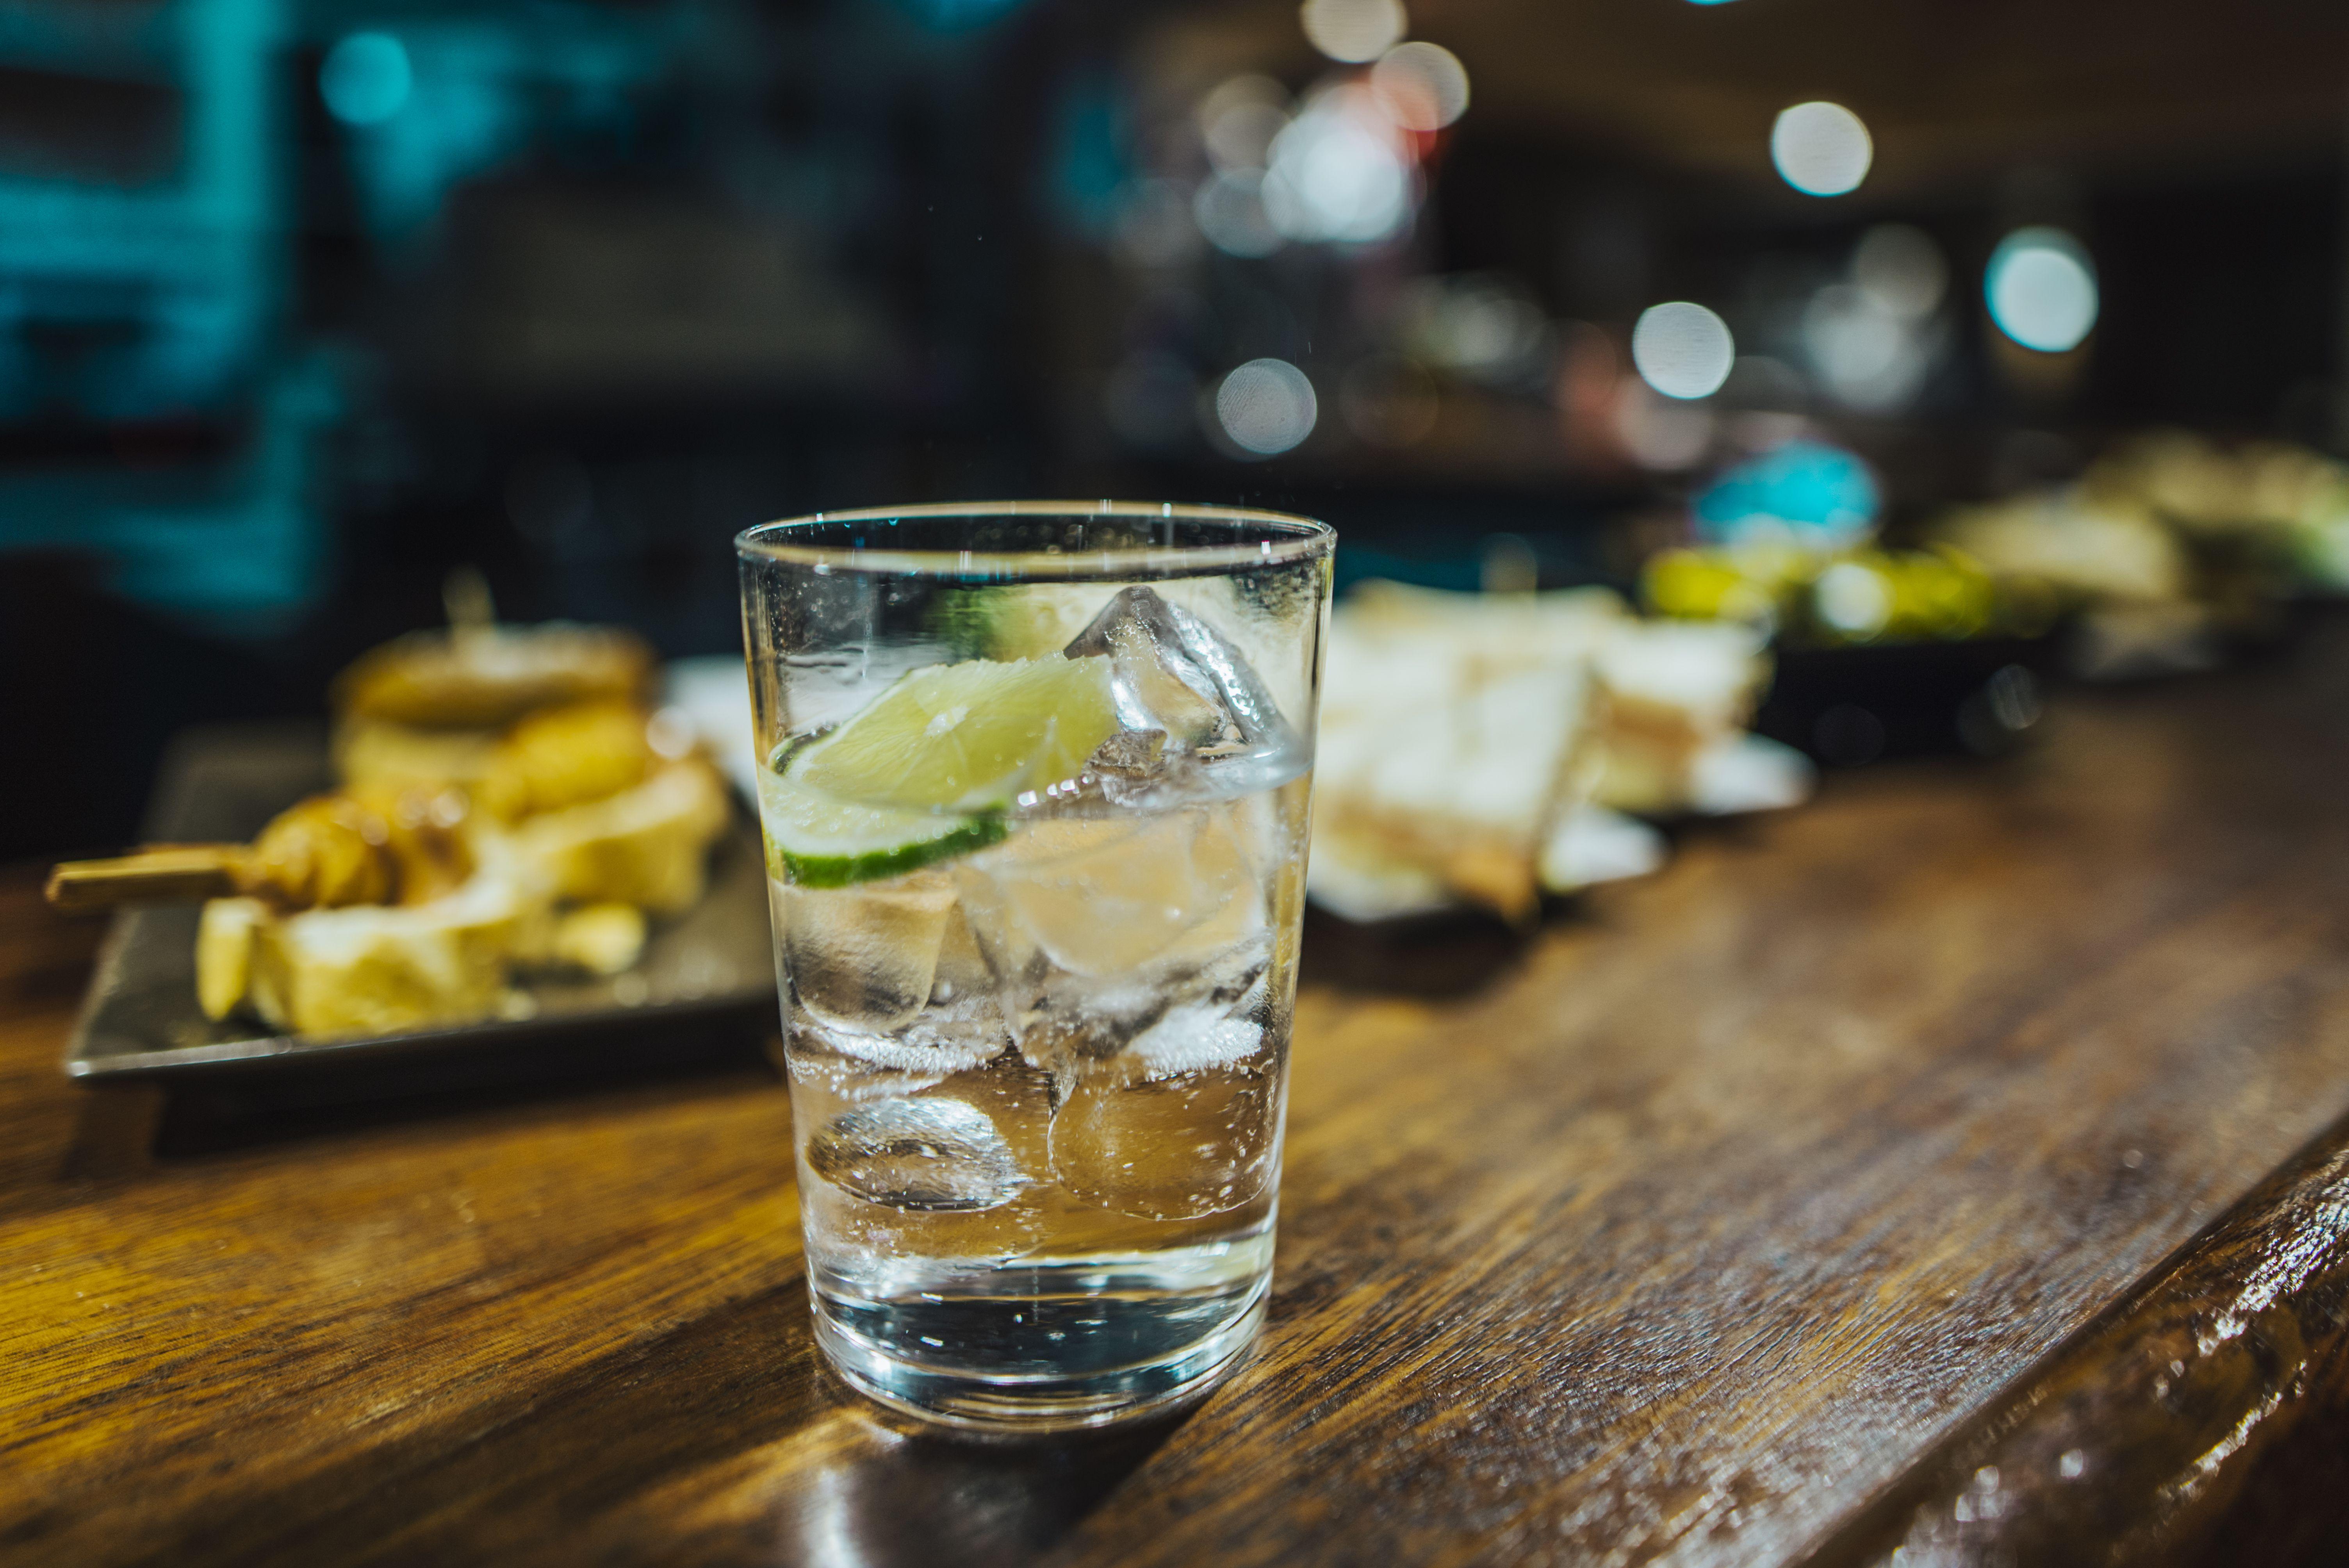 Gin tonic at bar